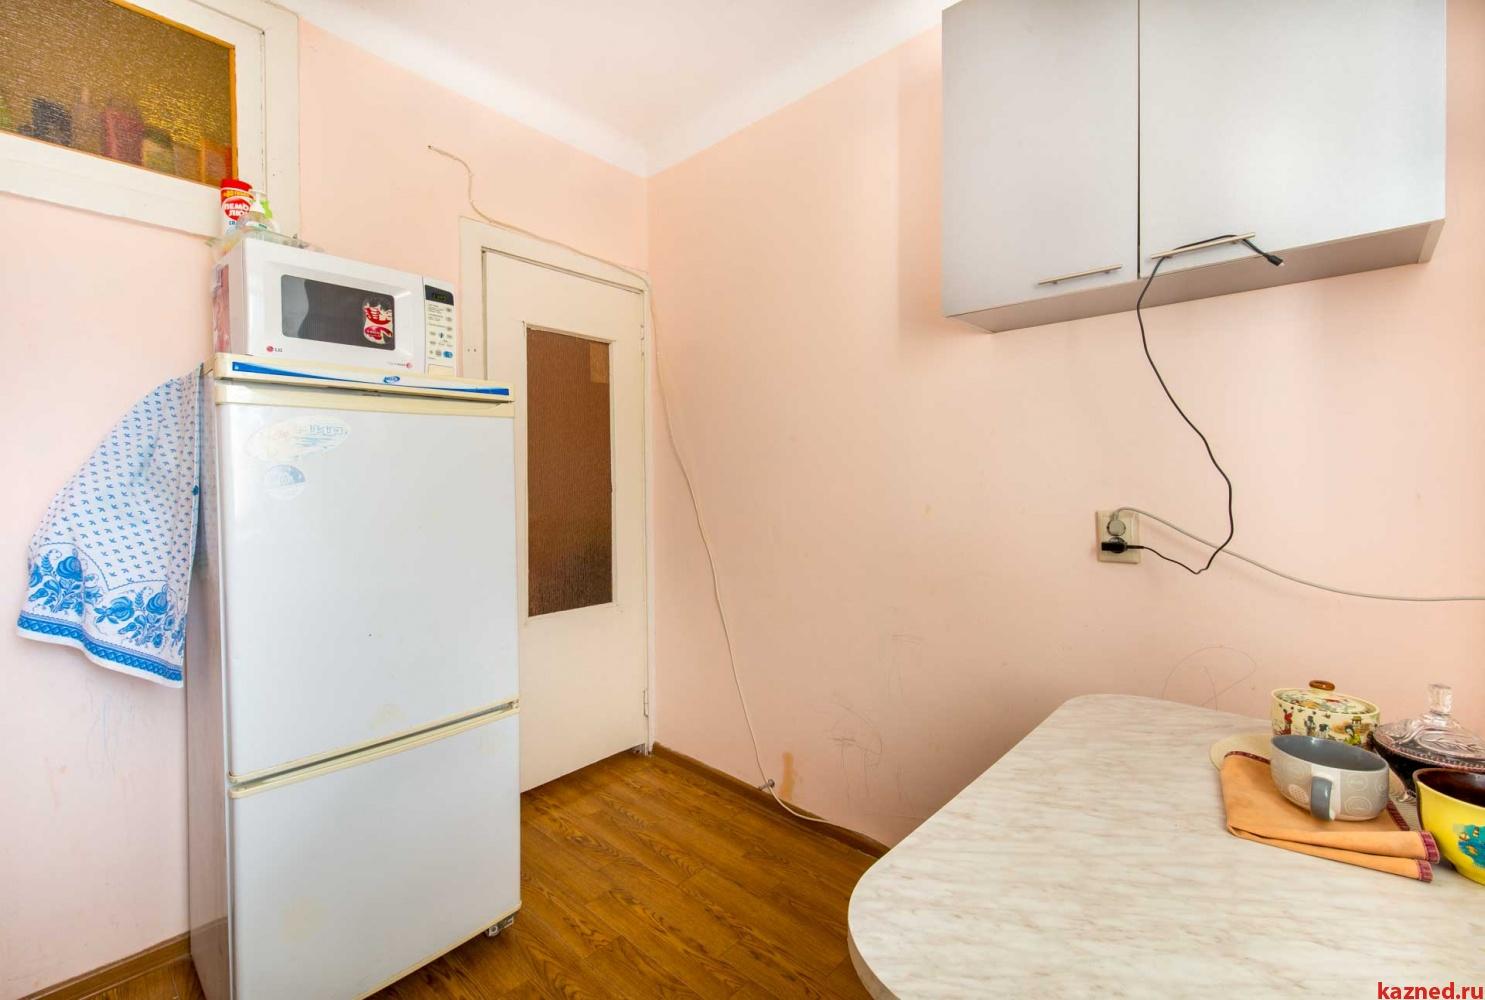 Продажа 1-к квартиры Качалова 82/19, 31 м²  (миниатюра №8)